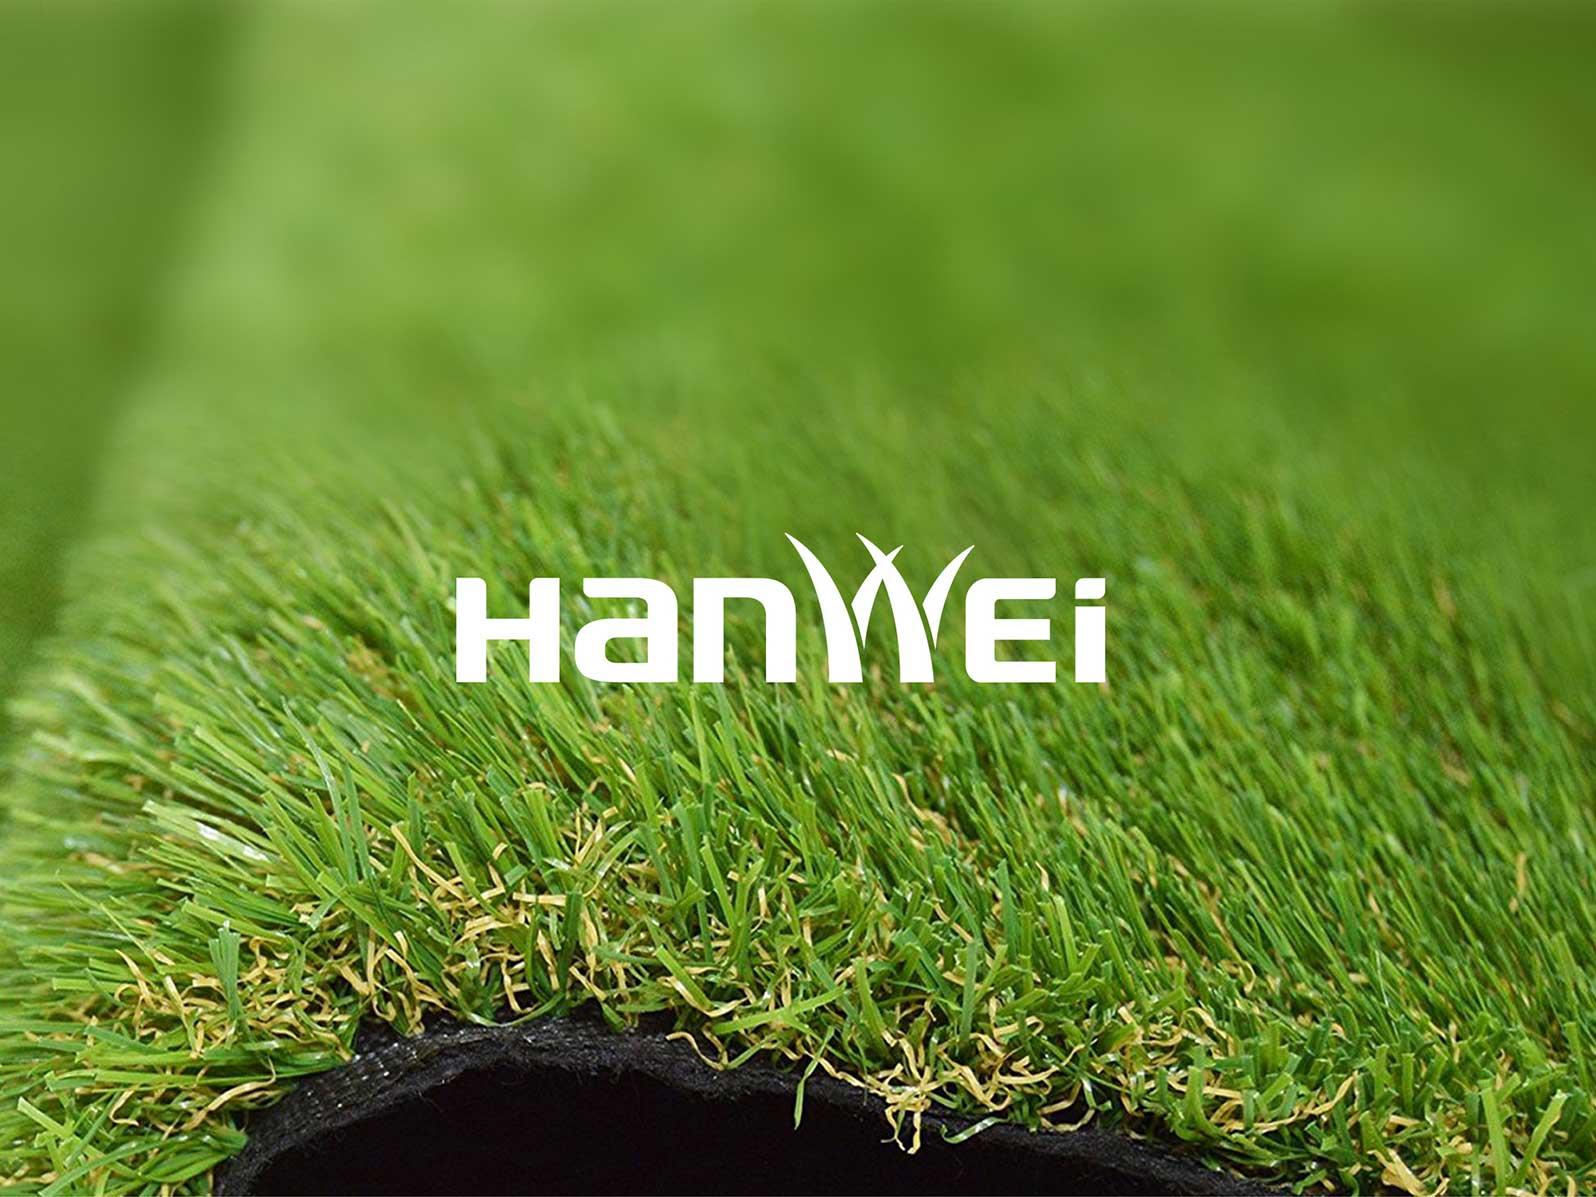 常州汉威草坪全案策划设计logo设计